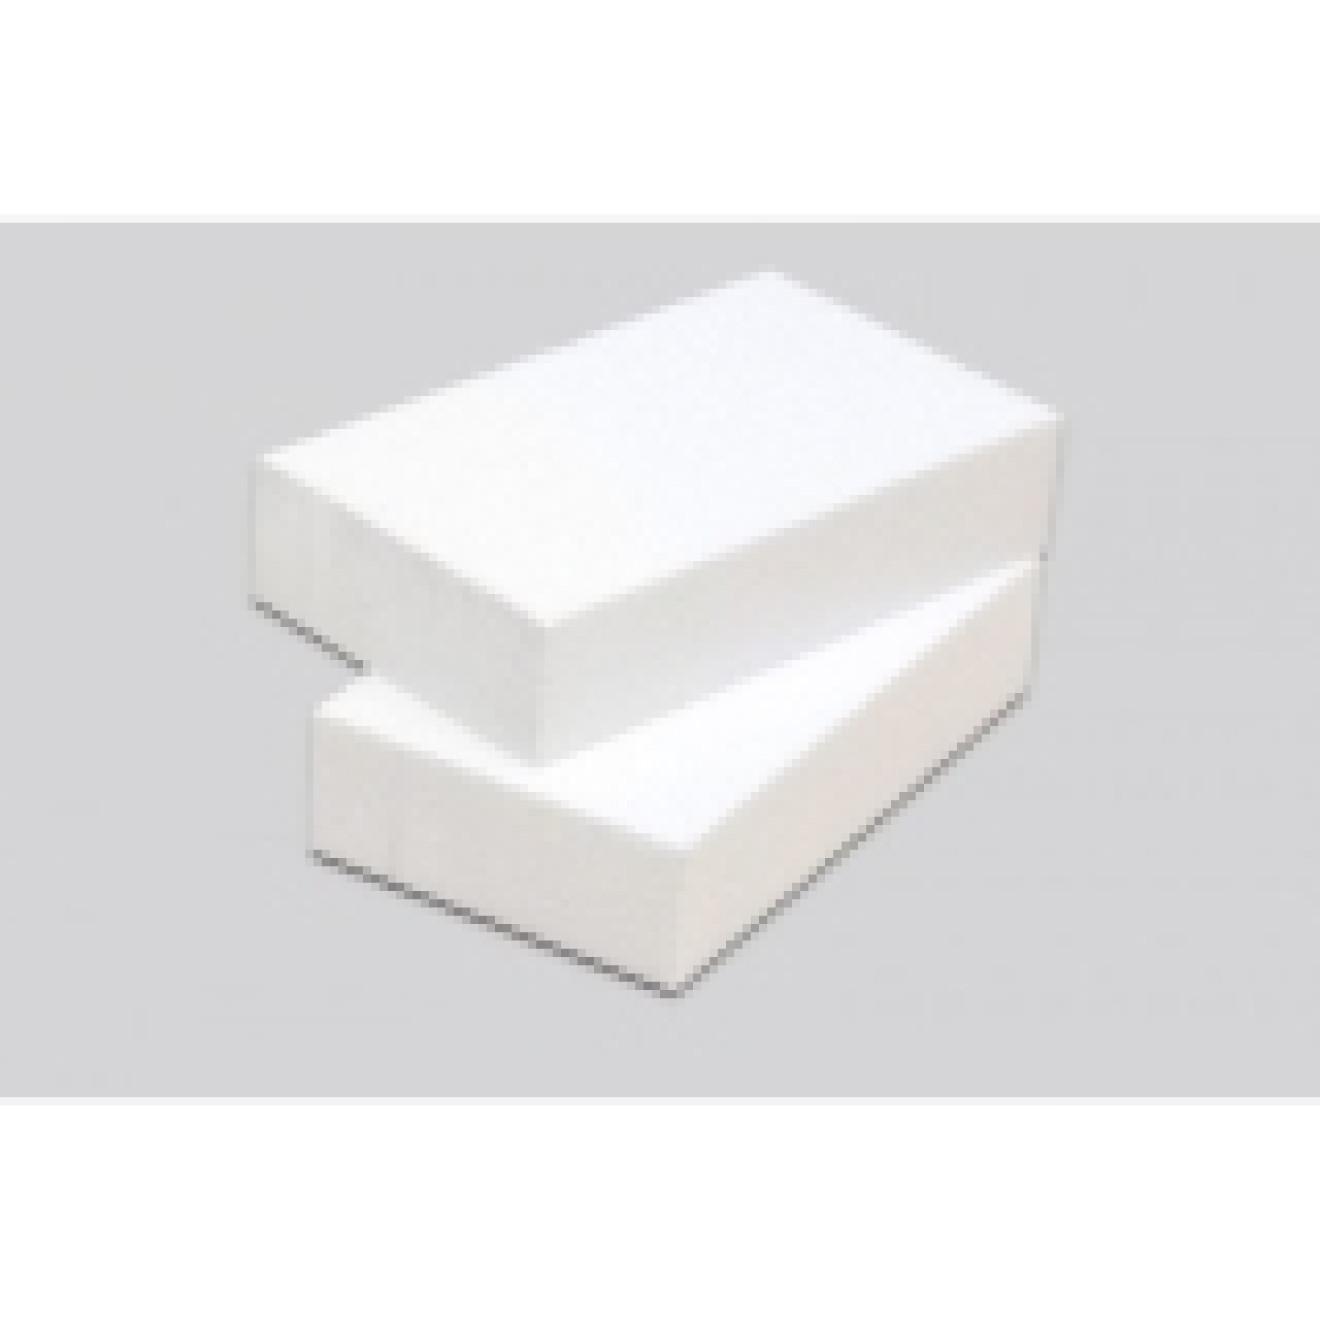 Acheter ici en ligne polystyr ne - Plaque de polystyrene expanse ...